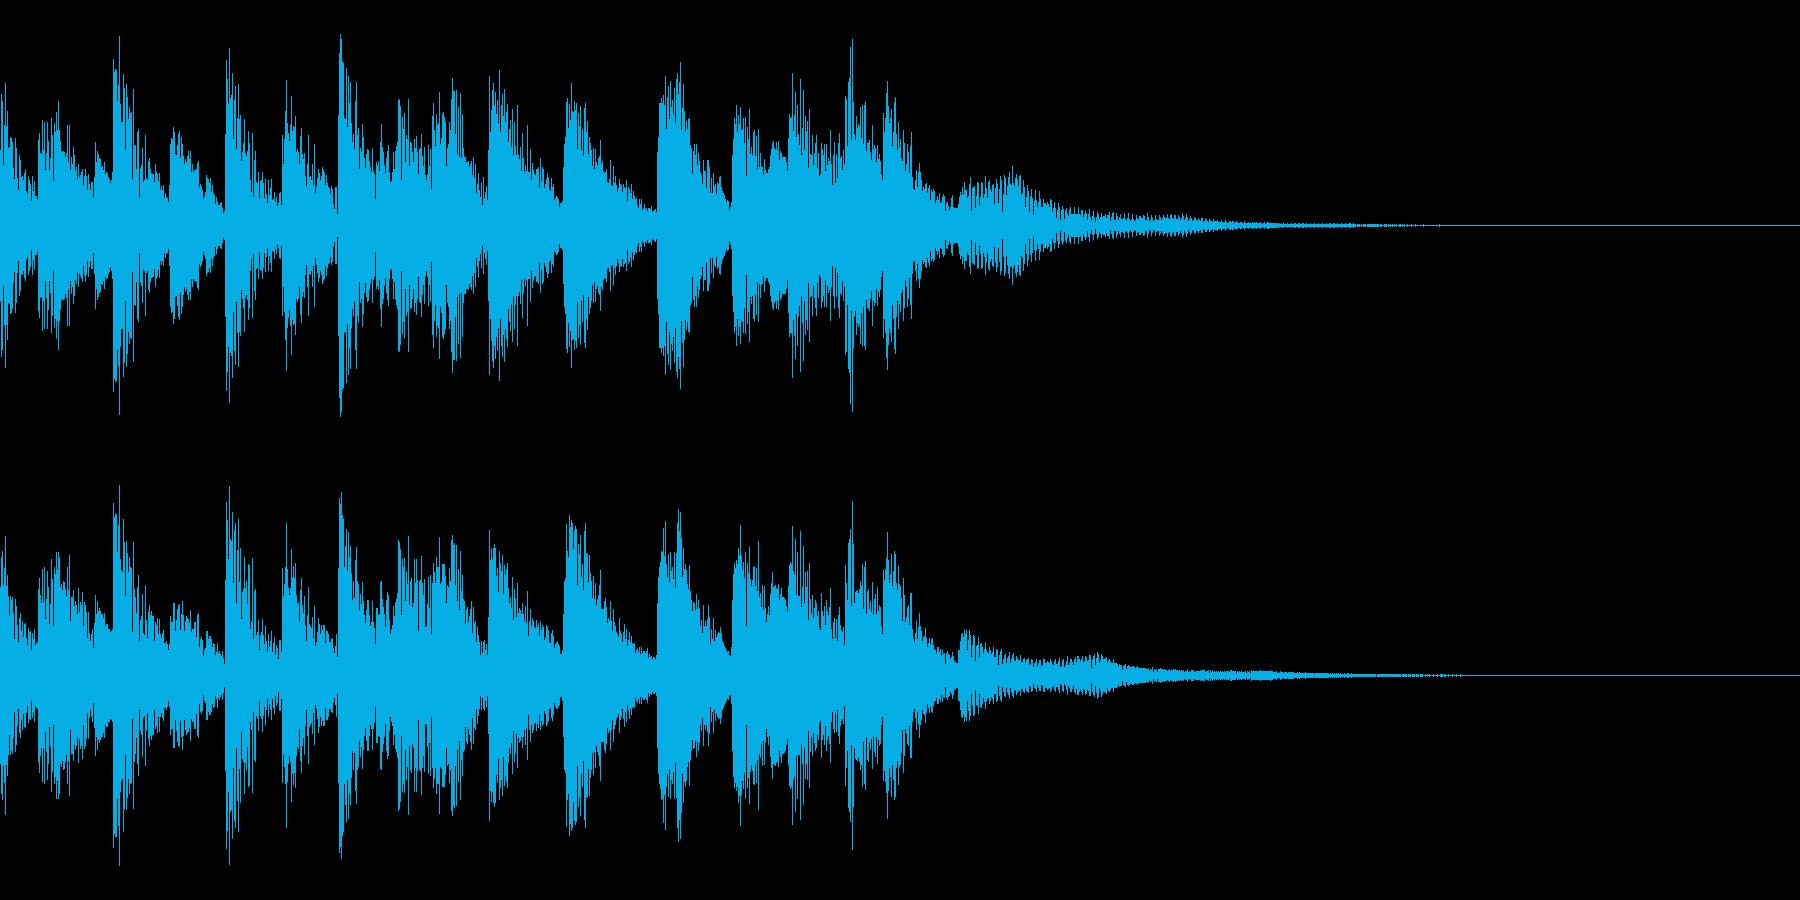 オーソドックスなジャズのエンディング素材の再生済みの波形